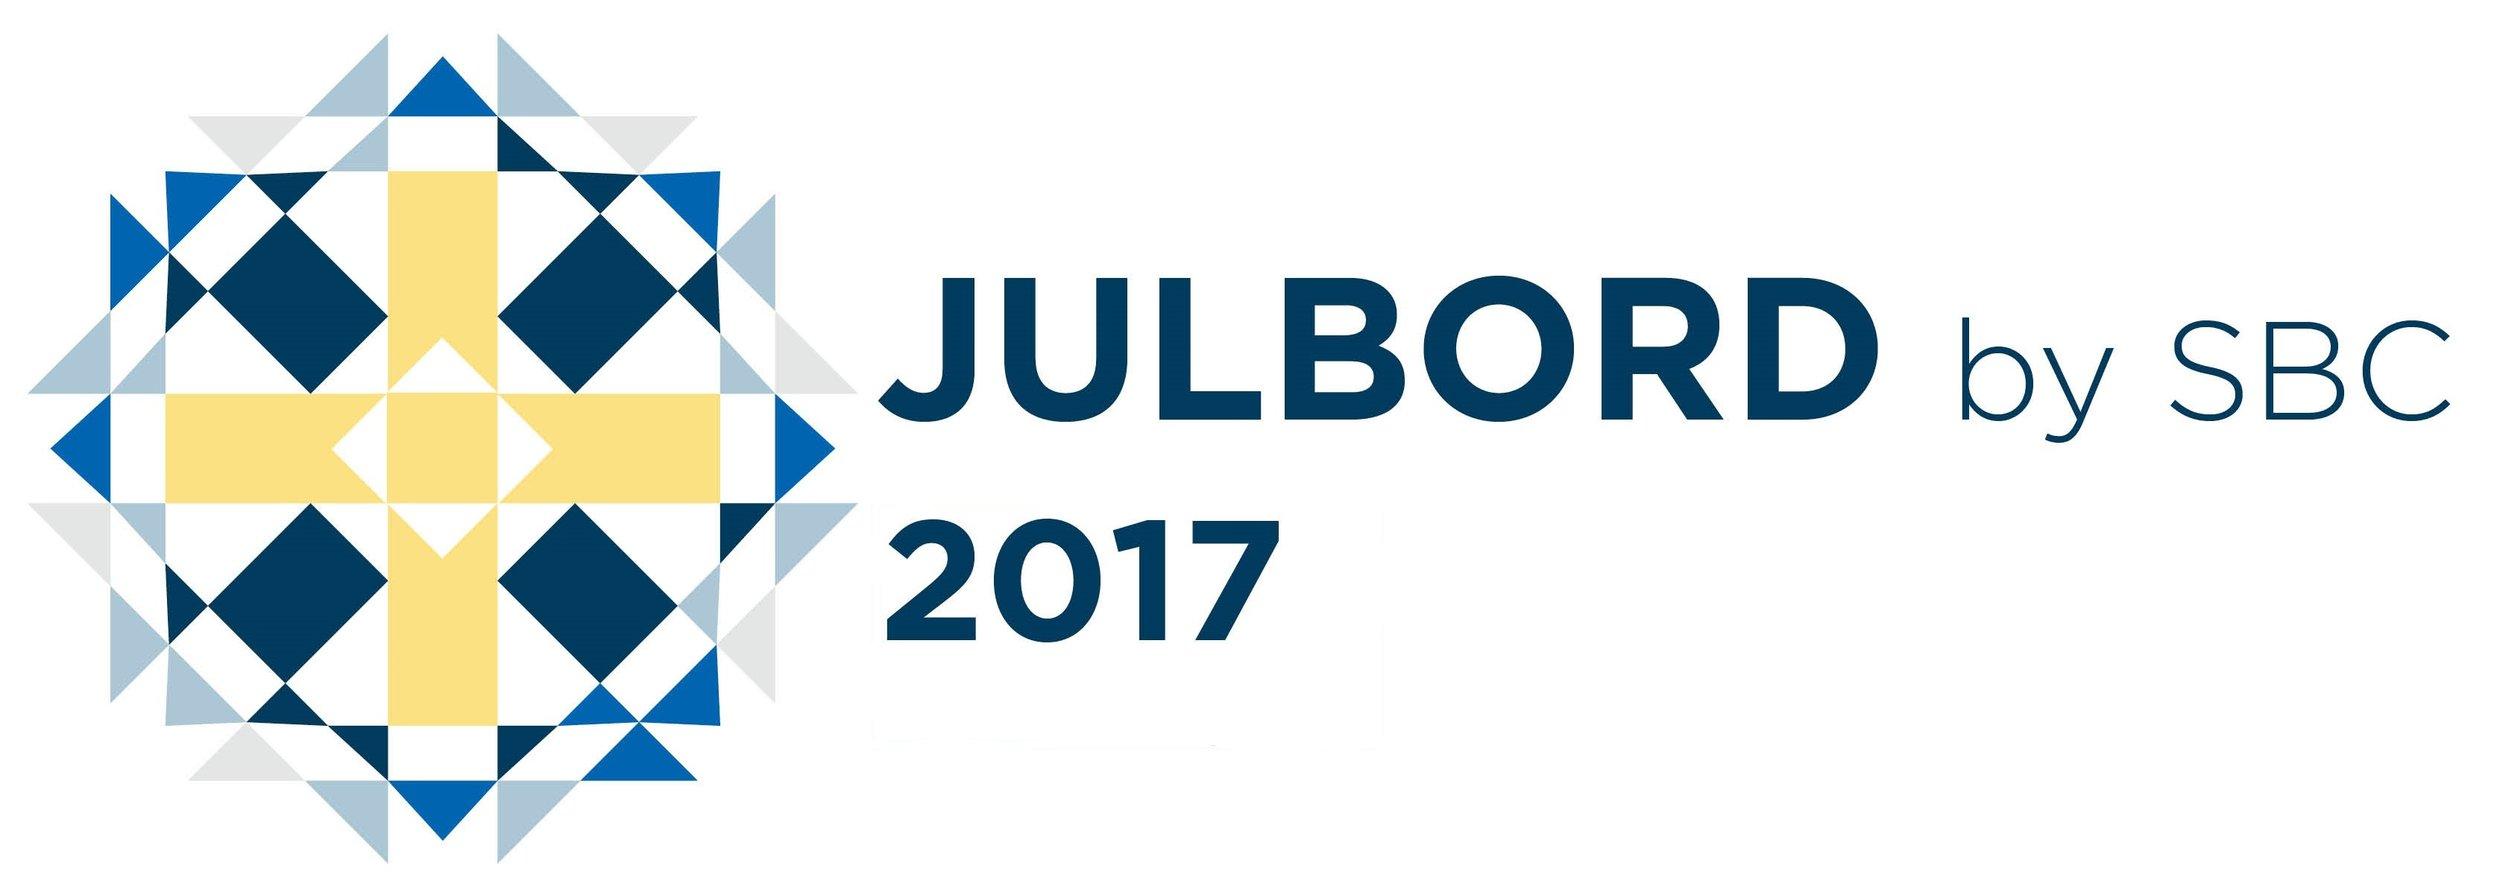 SBC Julbord logo.jpg